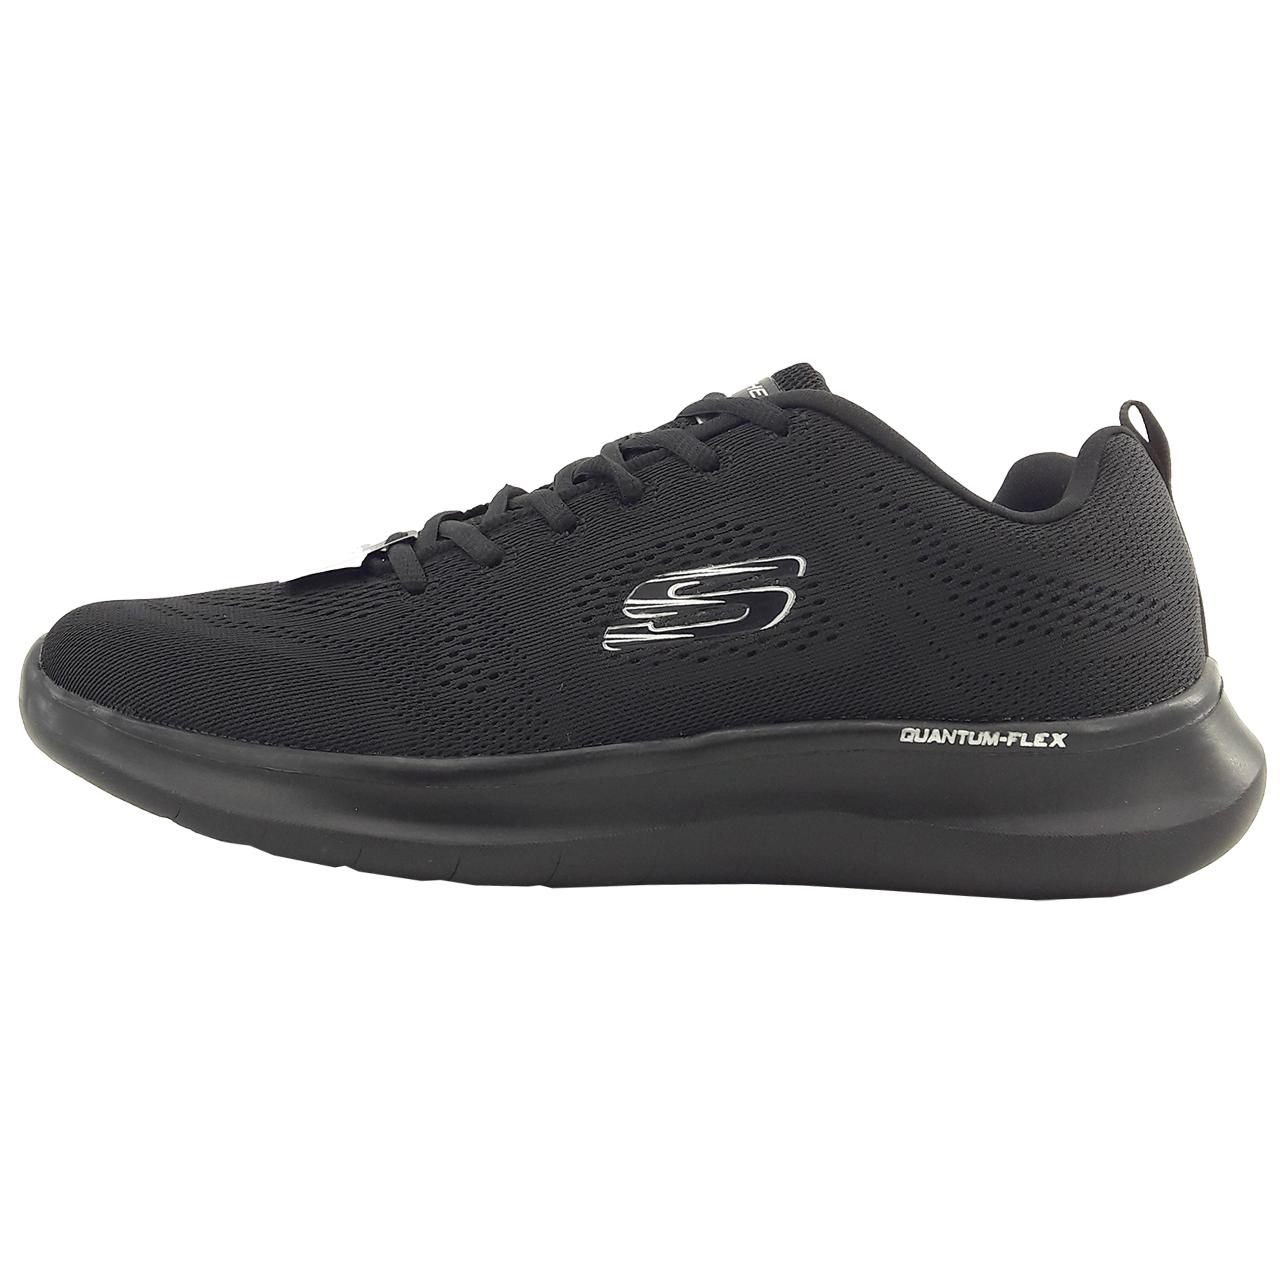 کفش مخصوص پیاده روی زنانه اسکچرز مدل Quantum-flex black